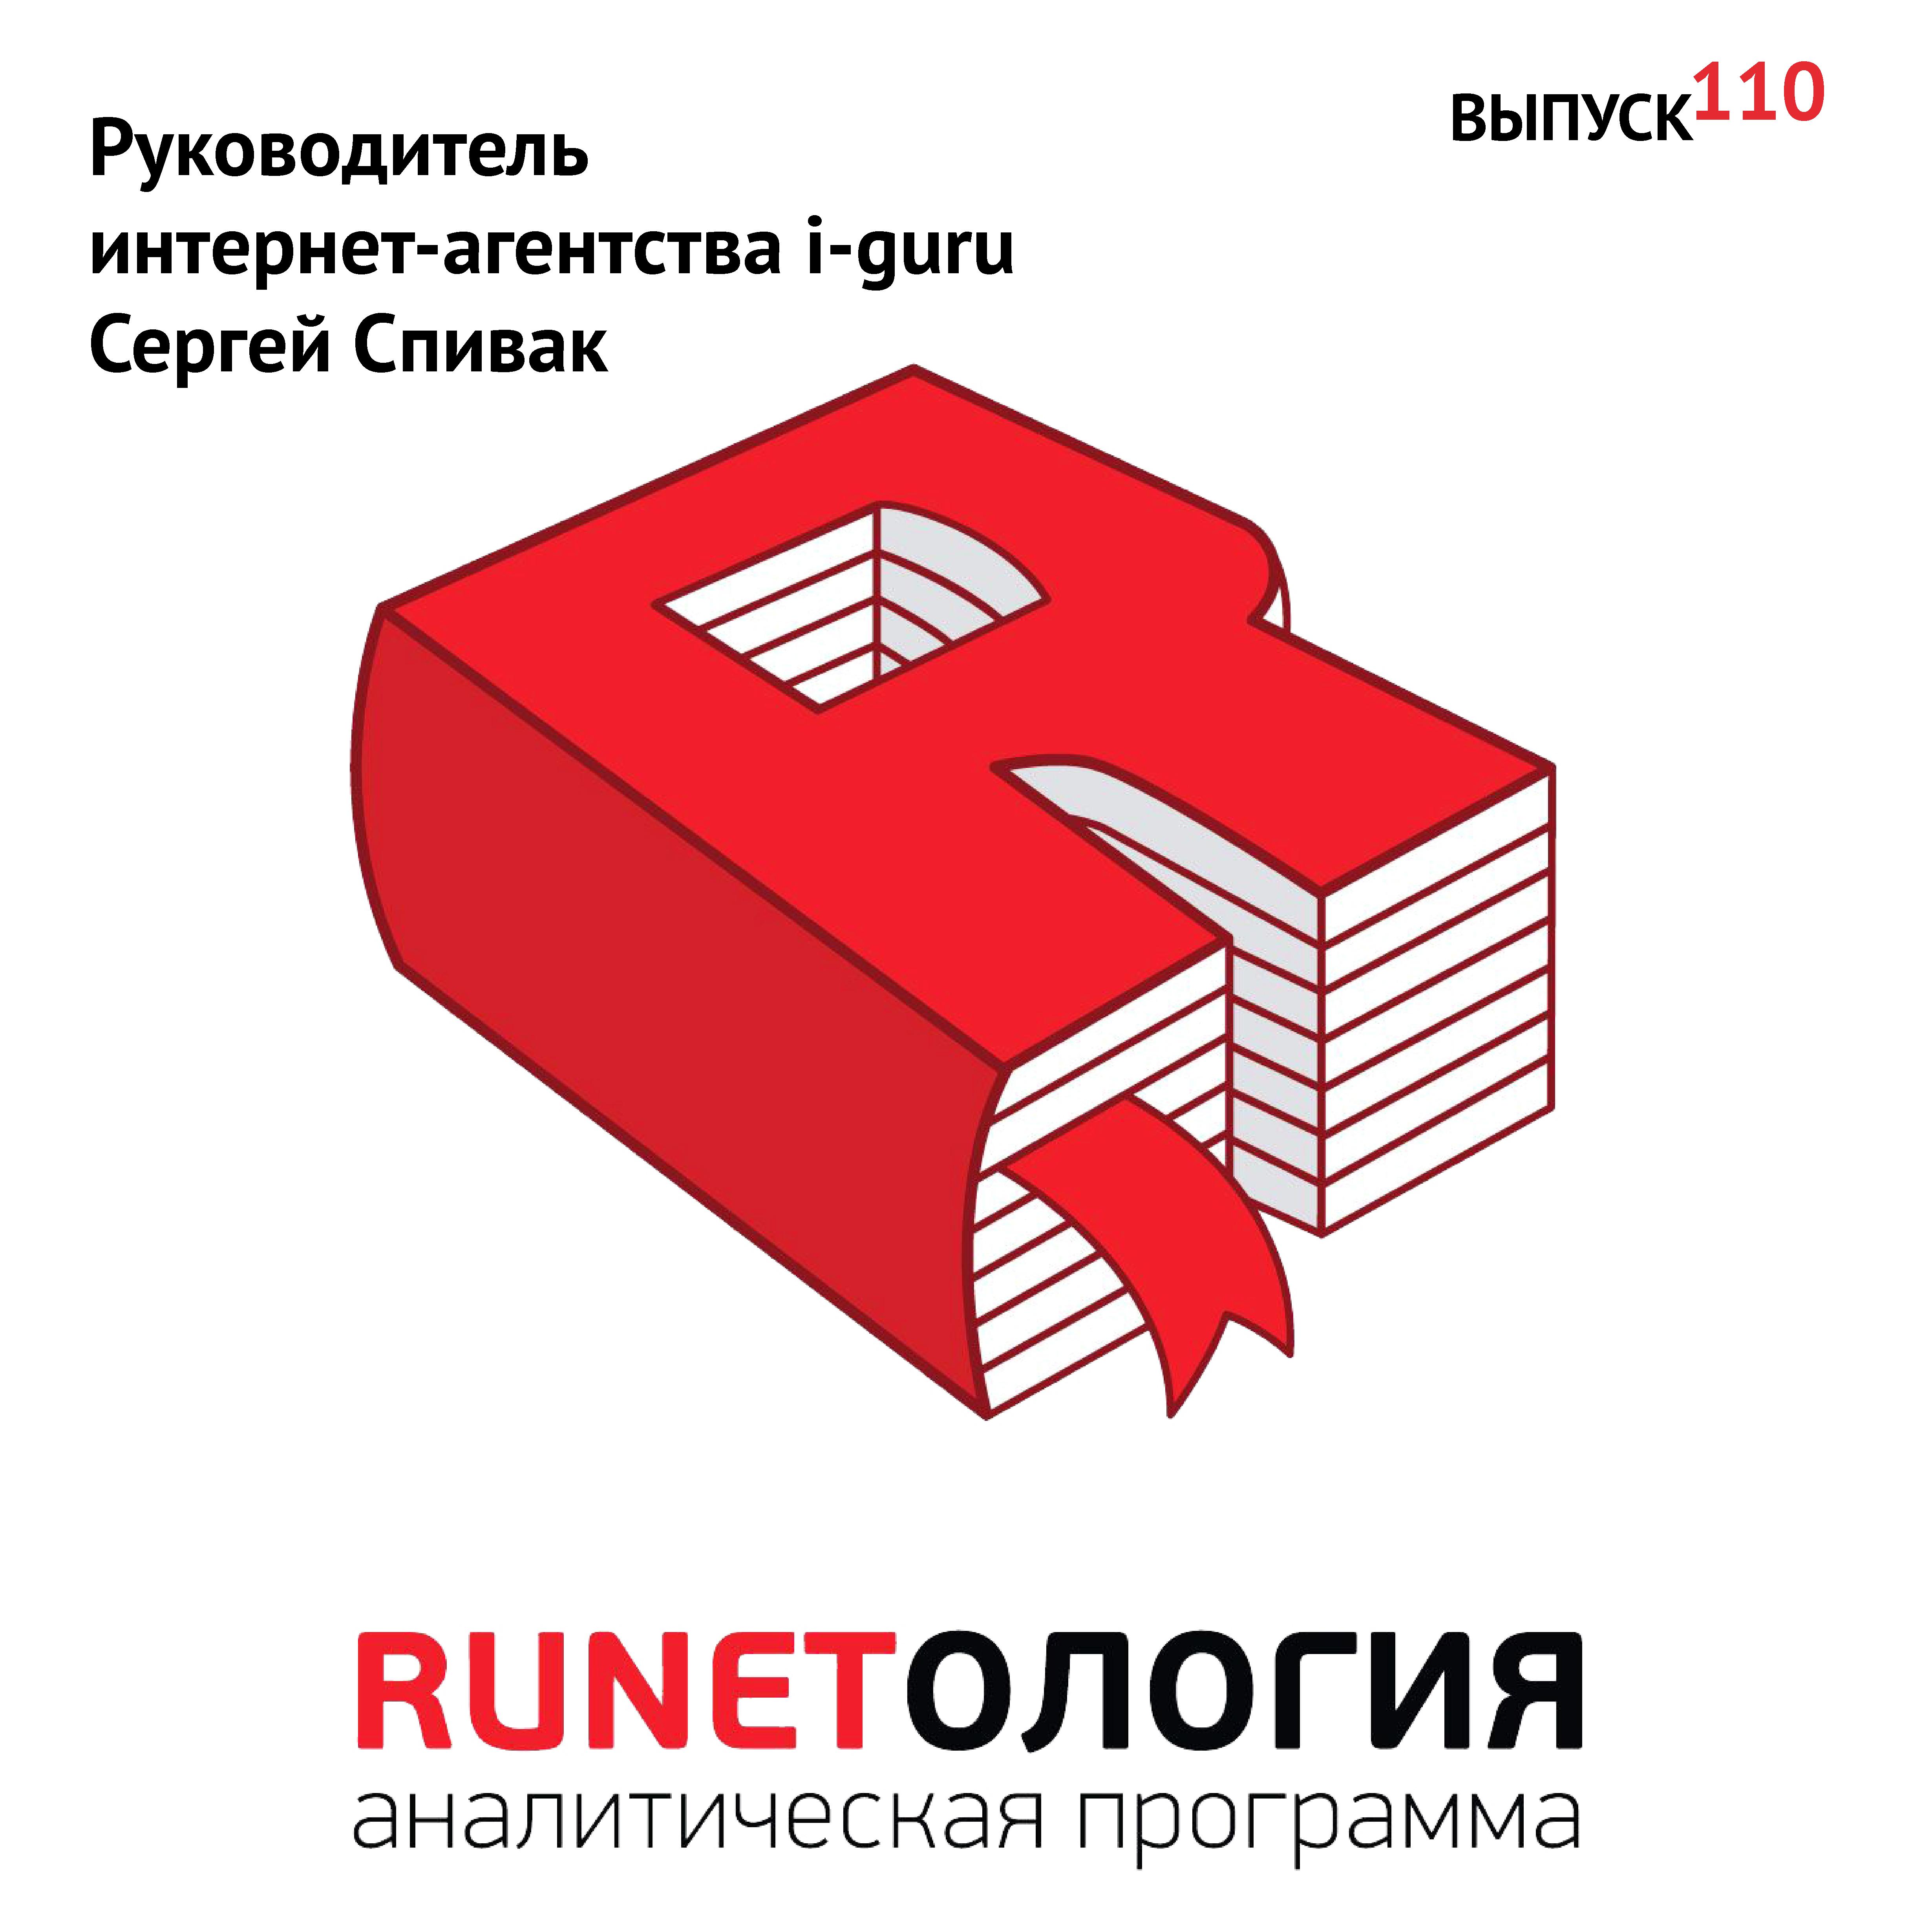 Максим Спиридонов Руководитель интернет-агентства i-guru Сергей Спивак интернет